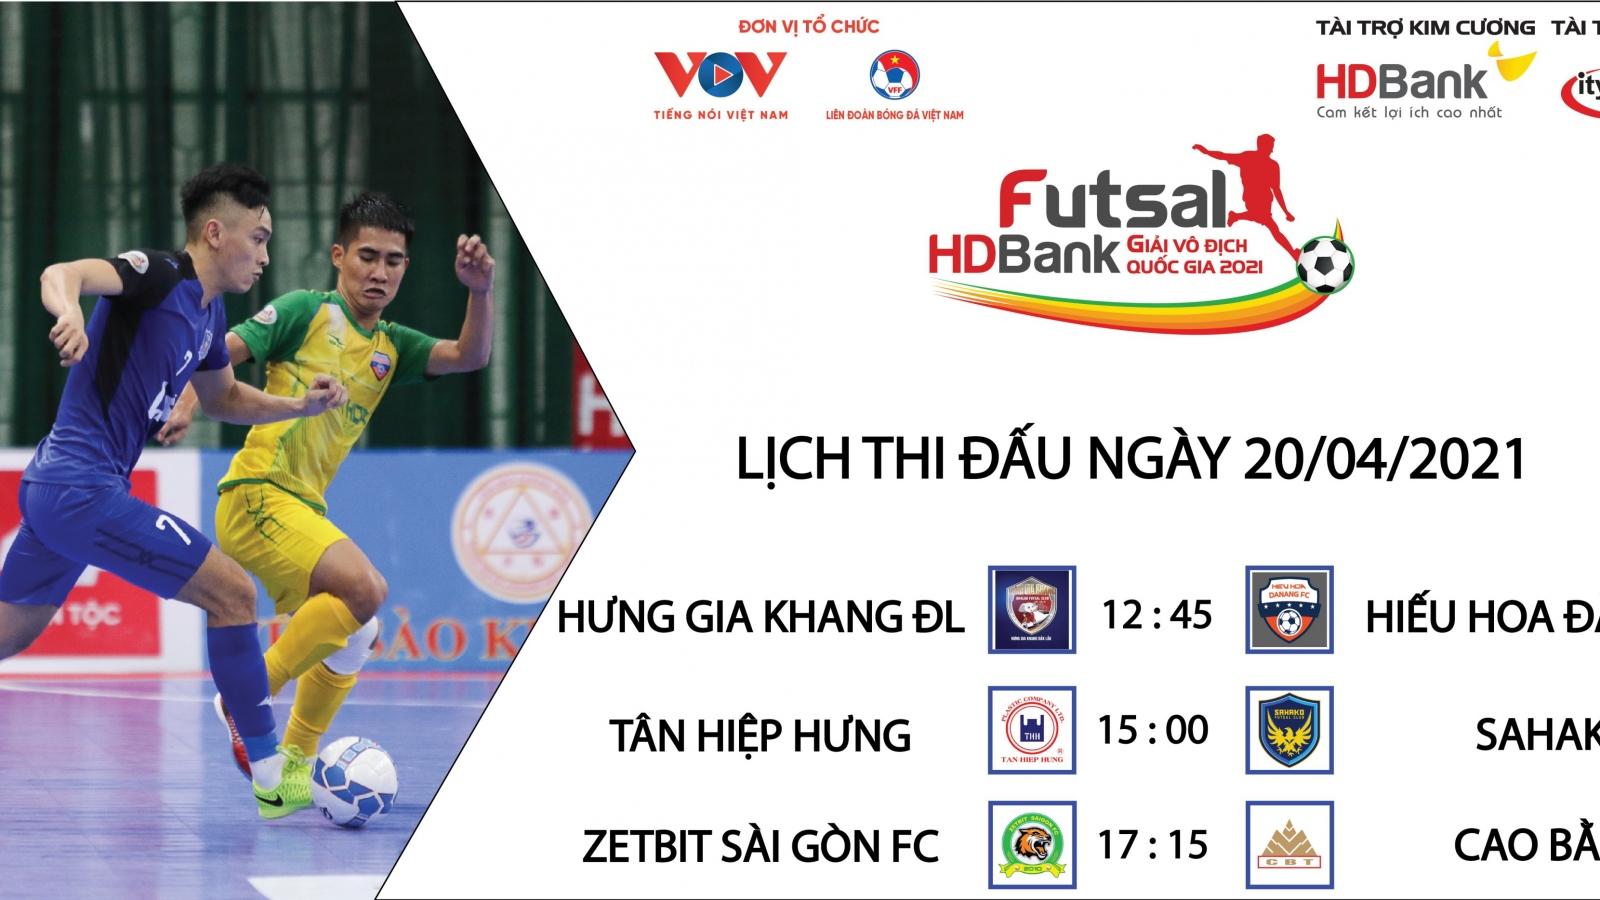 Lịch thi đấu Giải Futsal HDBank VĐQG 2021 hôm nay 20/4